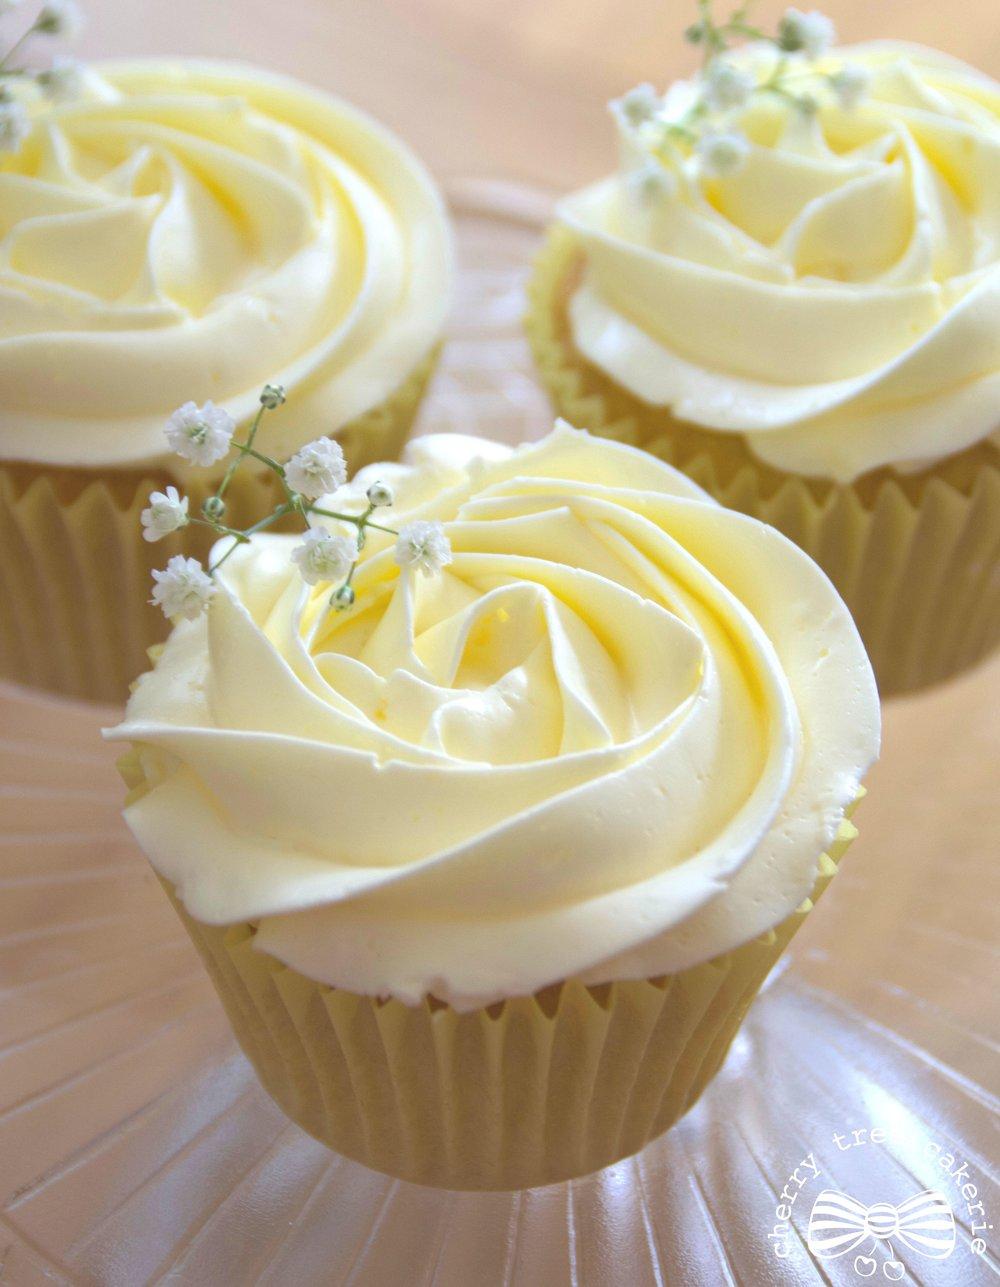 Lemon-wedding-cupcakes-with-gypsophila